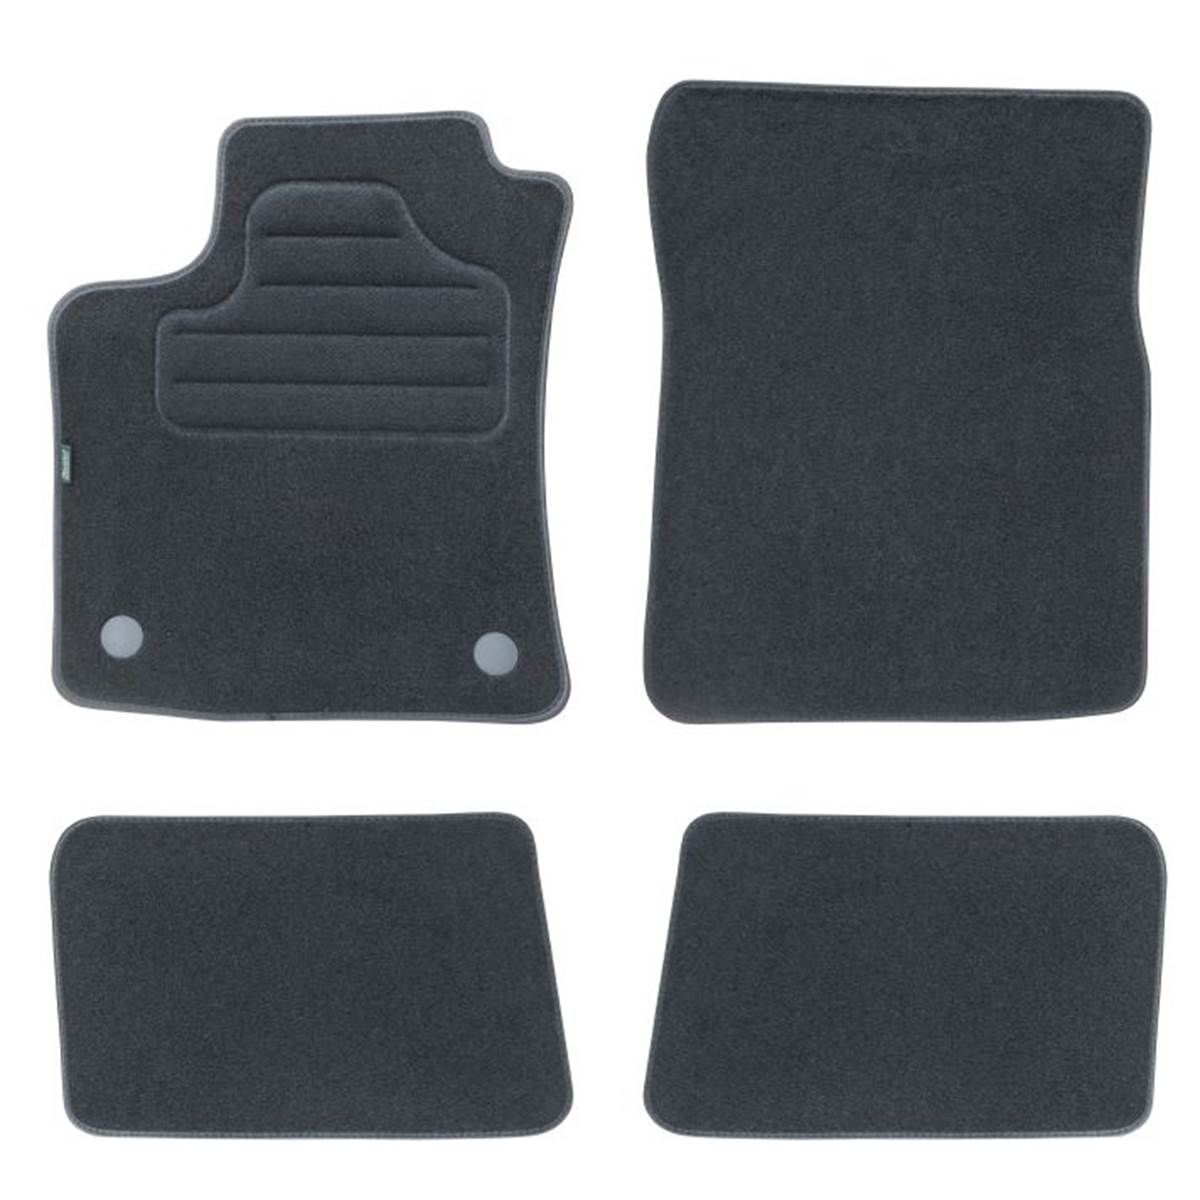 4 tapis sur mesure pour renault twingo version 2 feu vert